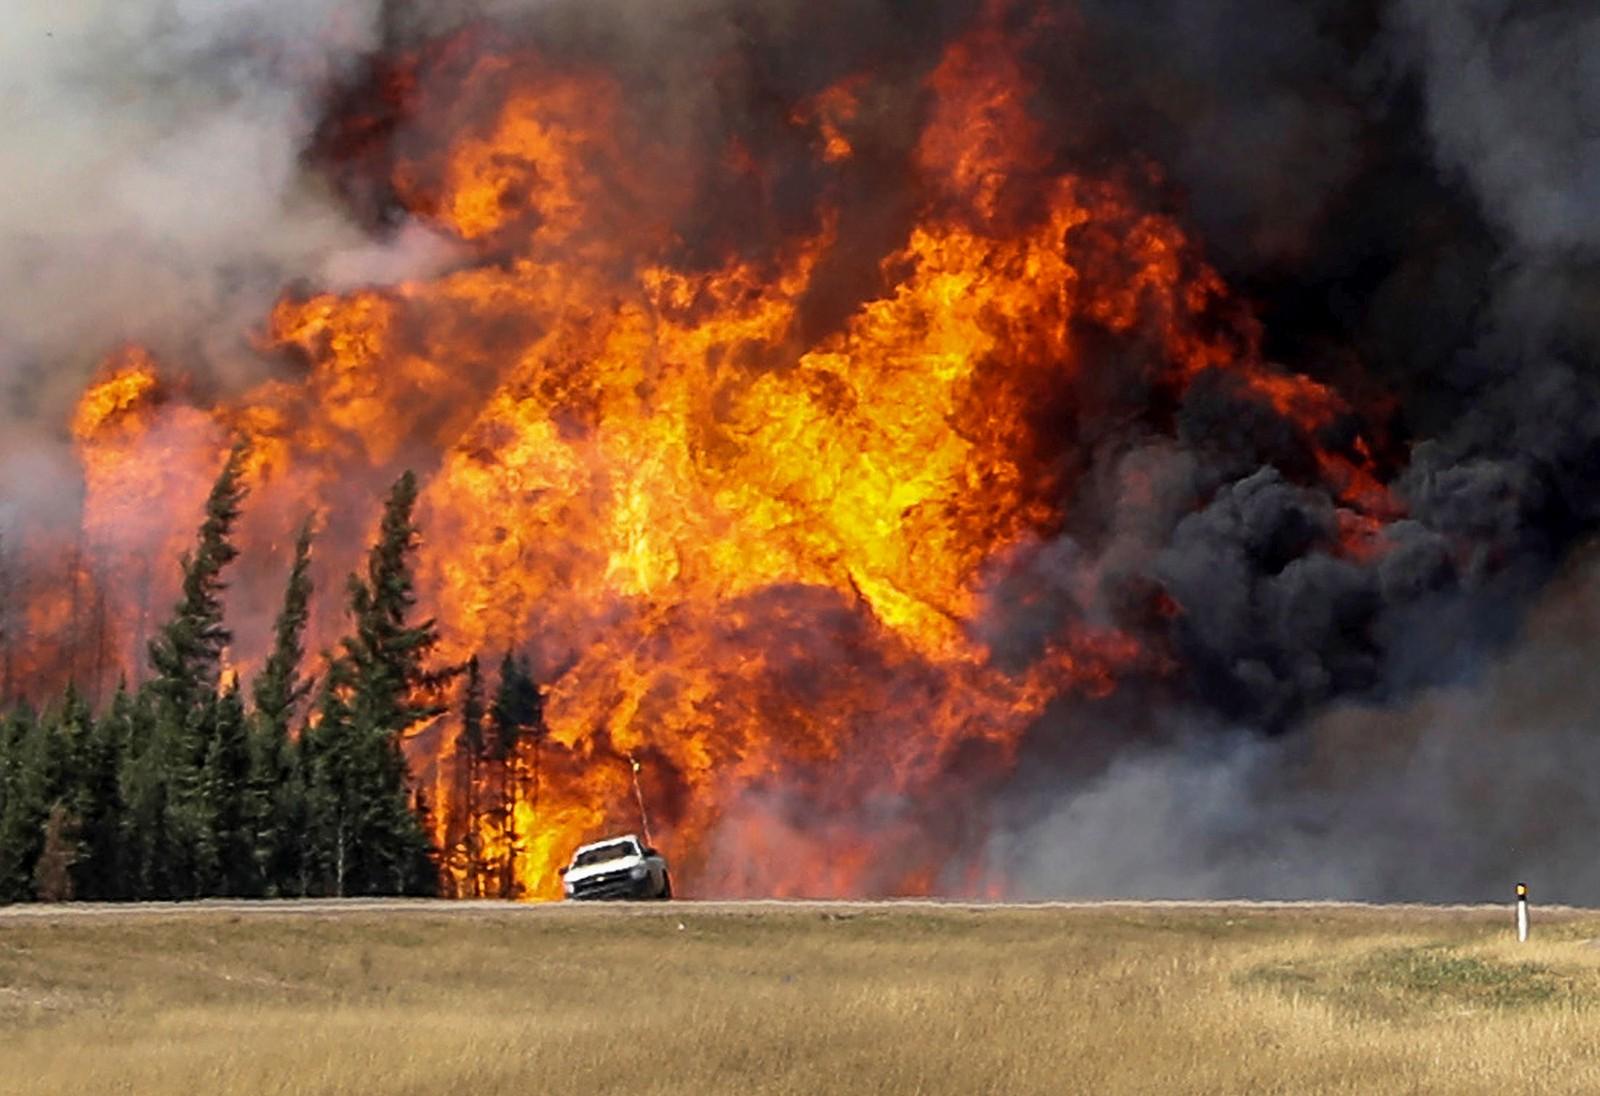 Røyk og flammer fra skogbrannen i Alberta i Canada står høyt til værs ved en bilvei ved Fort McMurray lørdag 7. mai 2016